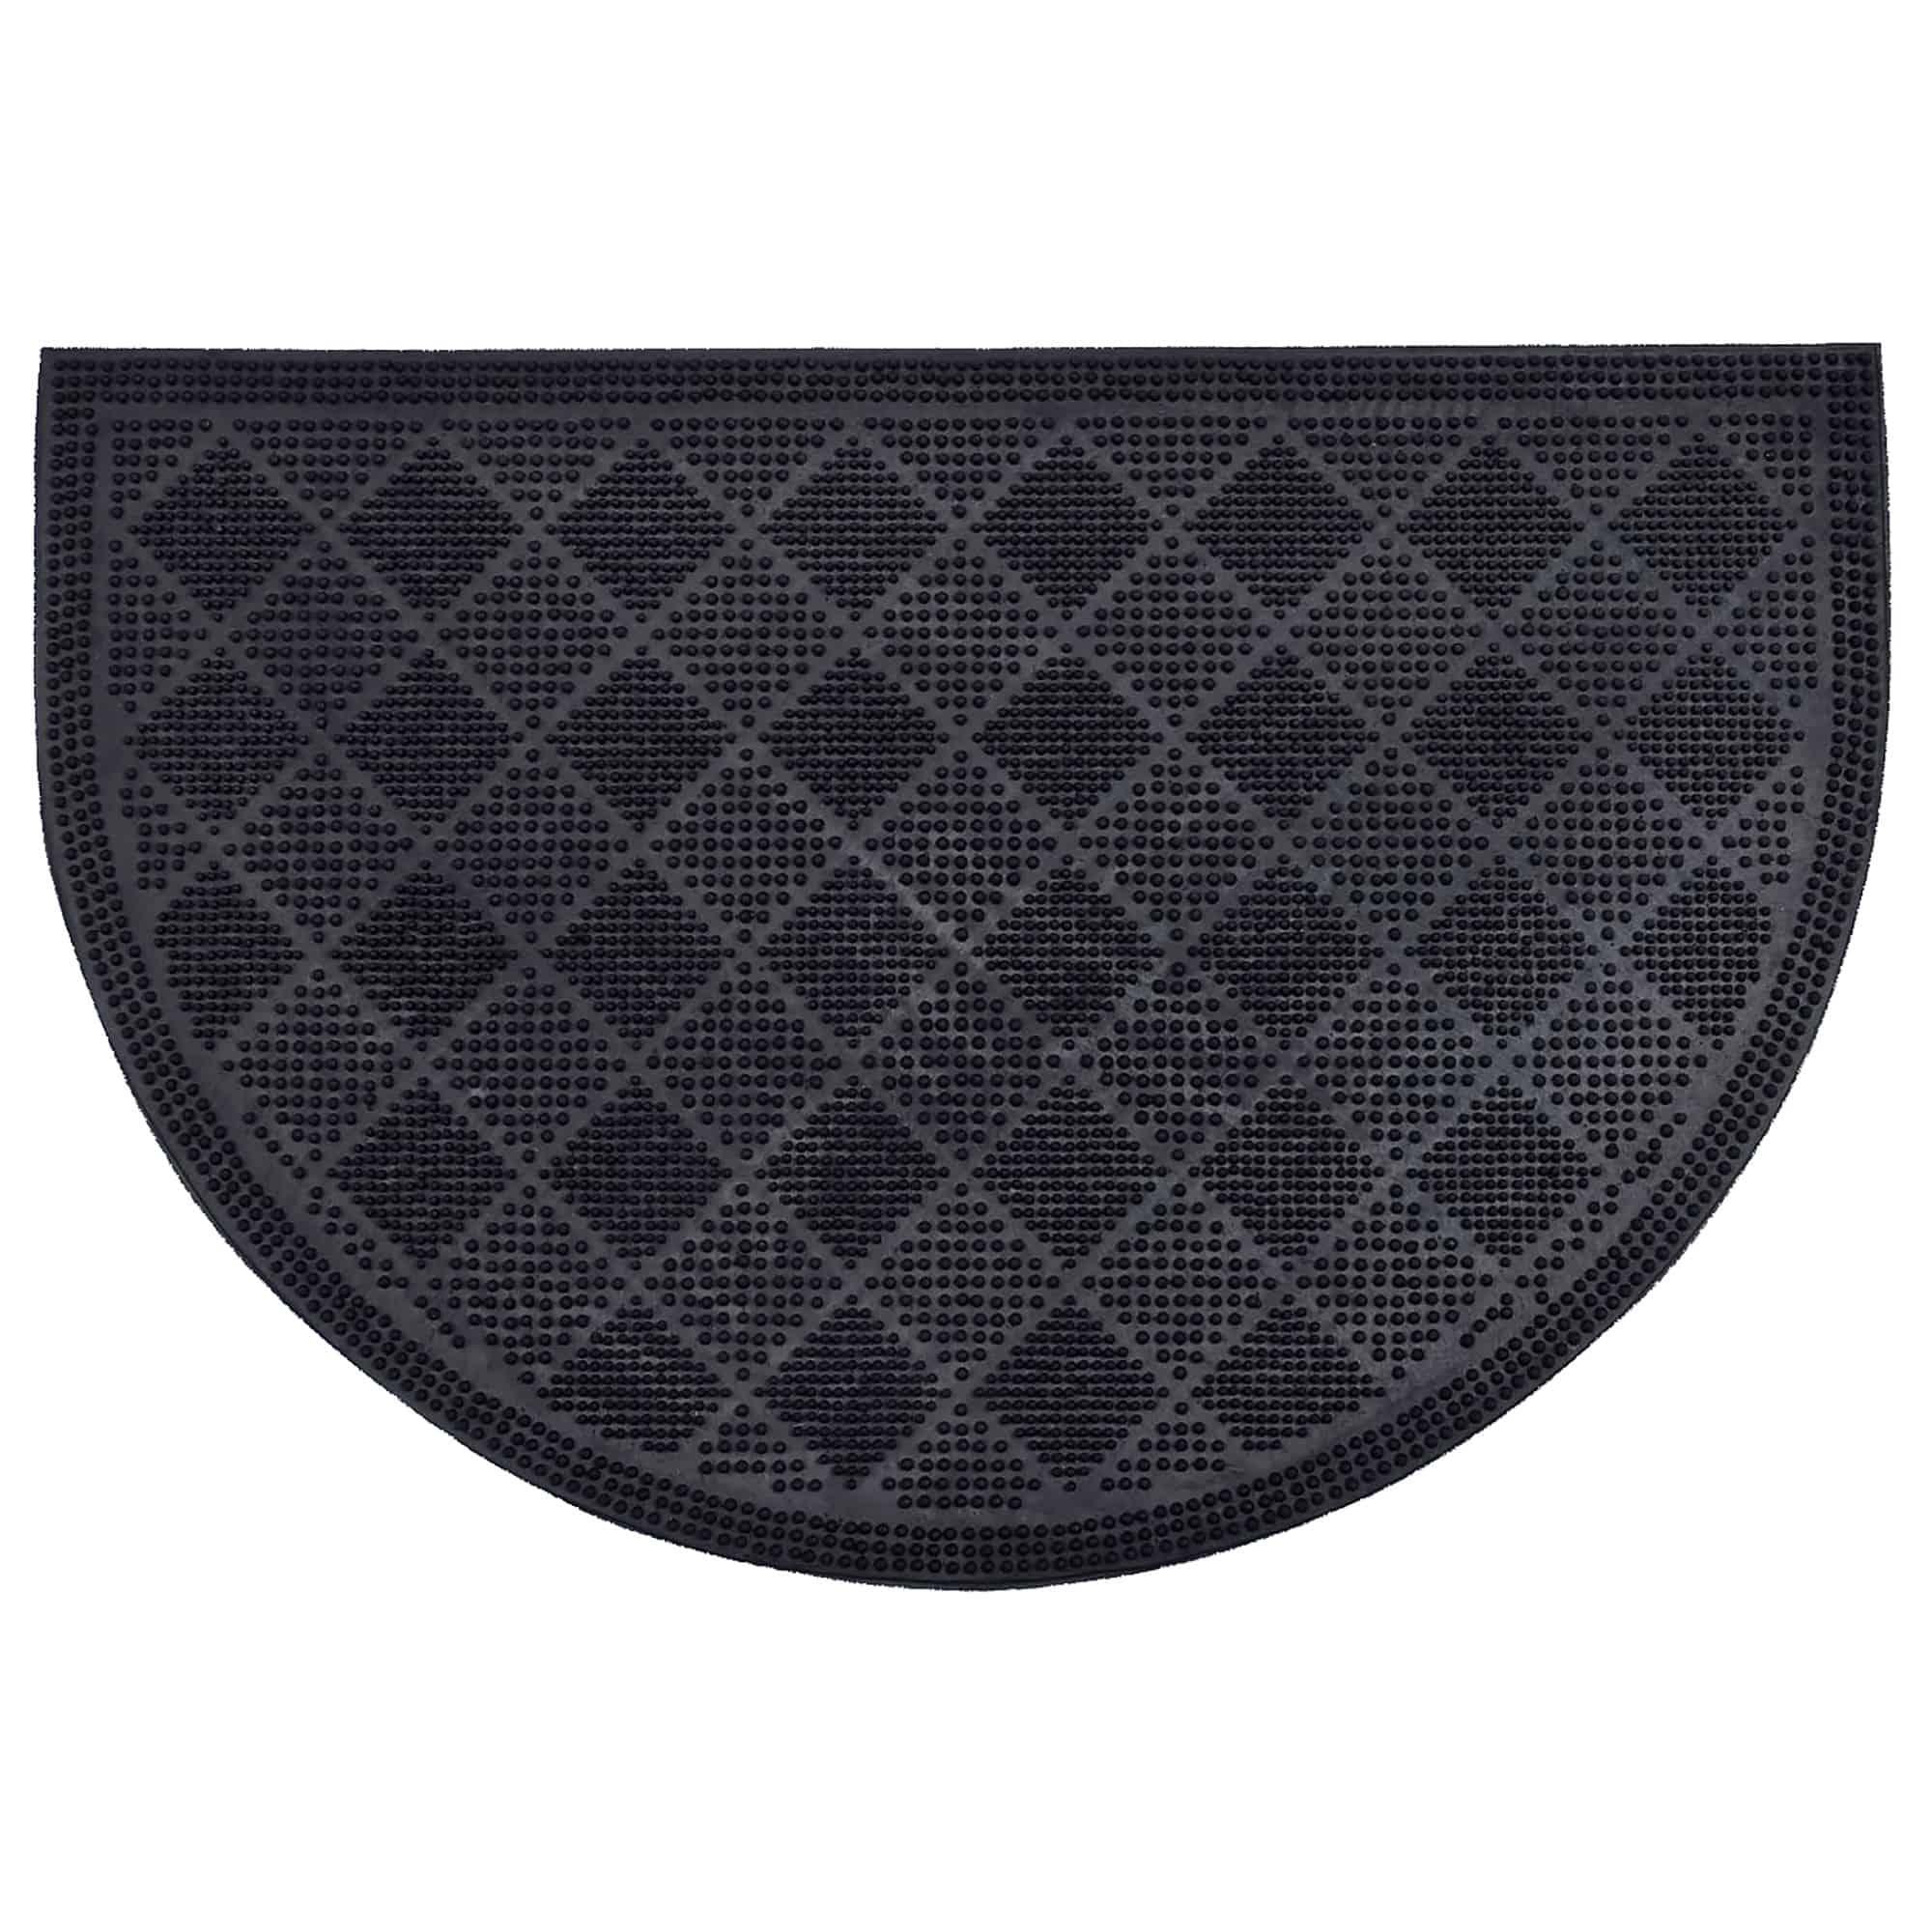 Outdoor Half Round Front Door Mat Drew Checkerboard Rubber Rug 24x16 Black